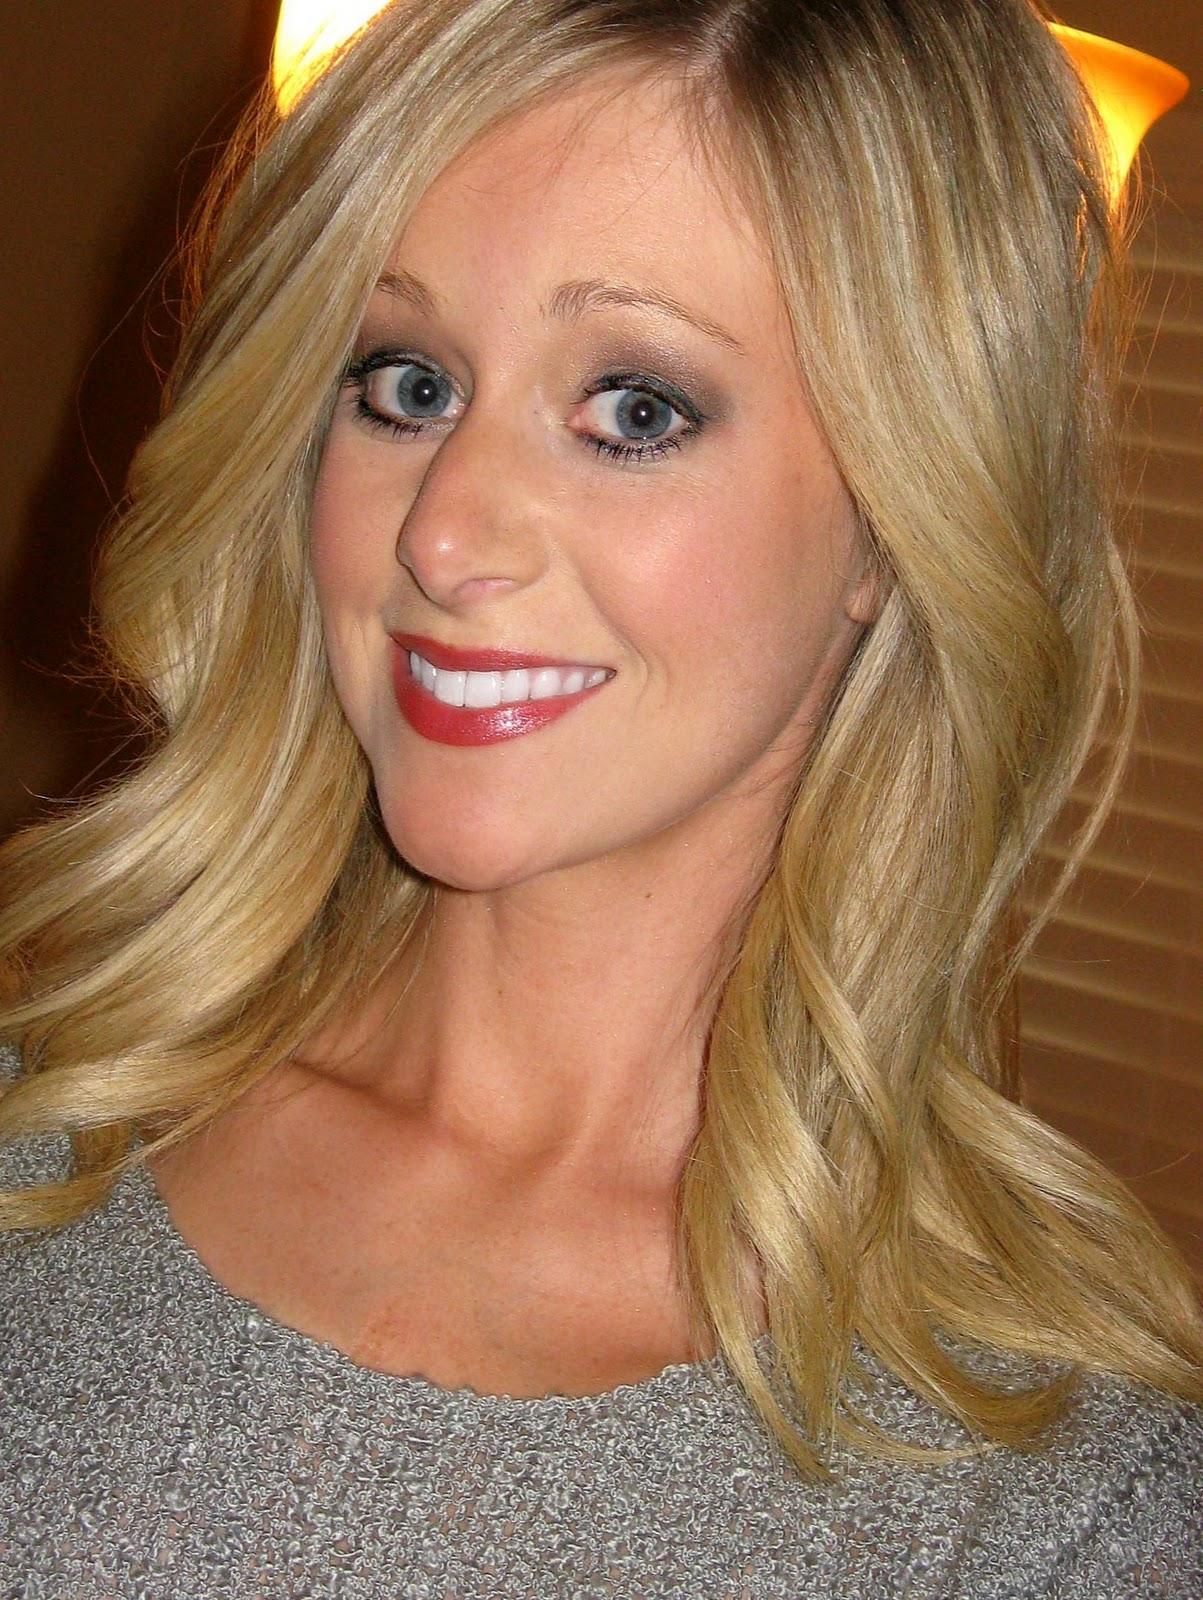 http://1.bp.blogspot.com/--opNOwR-cTc/TrQc8liV5tI/AAAAAAAAH3s/1Fq9pjSGHLw/s1600/Lipstick.jpg